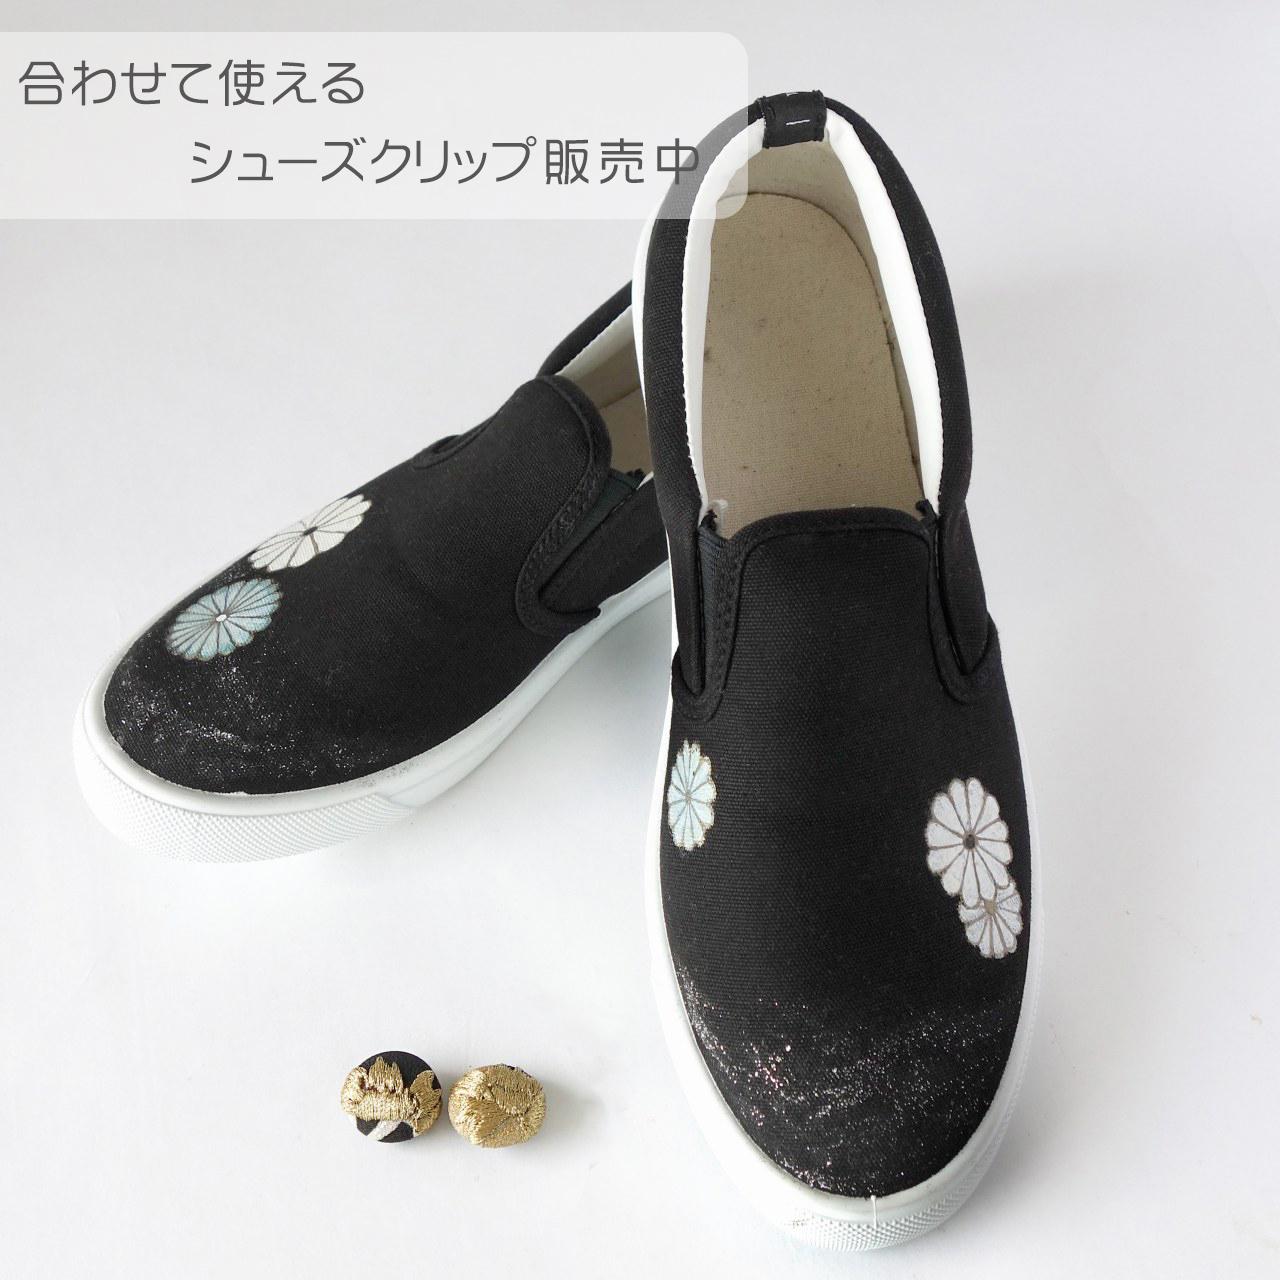 菊満開の黒留袖柄ペイントシューズ/ブラック×ホワイト スリッポン 25cm(L)